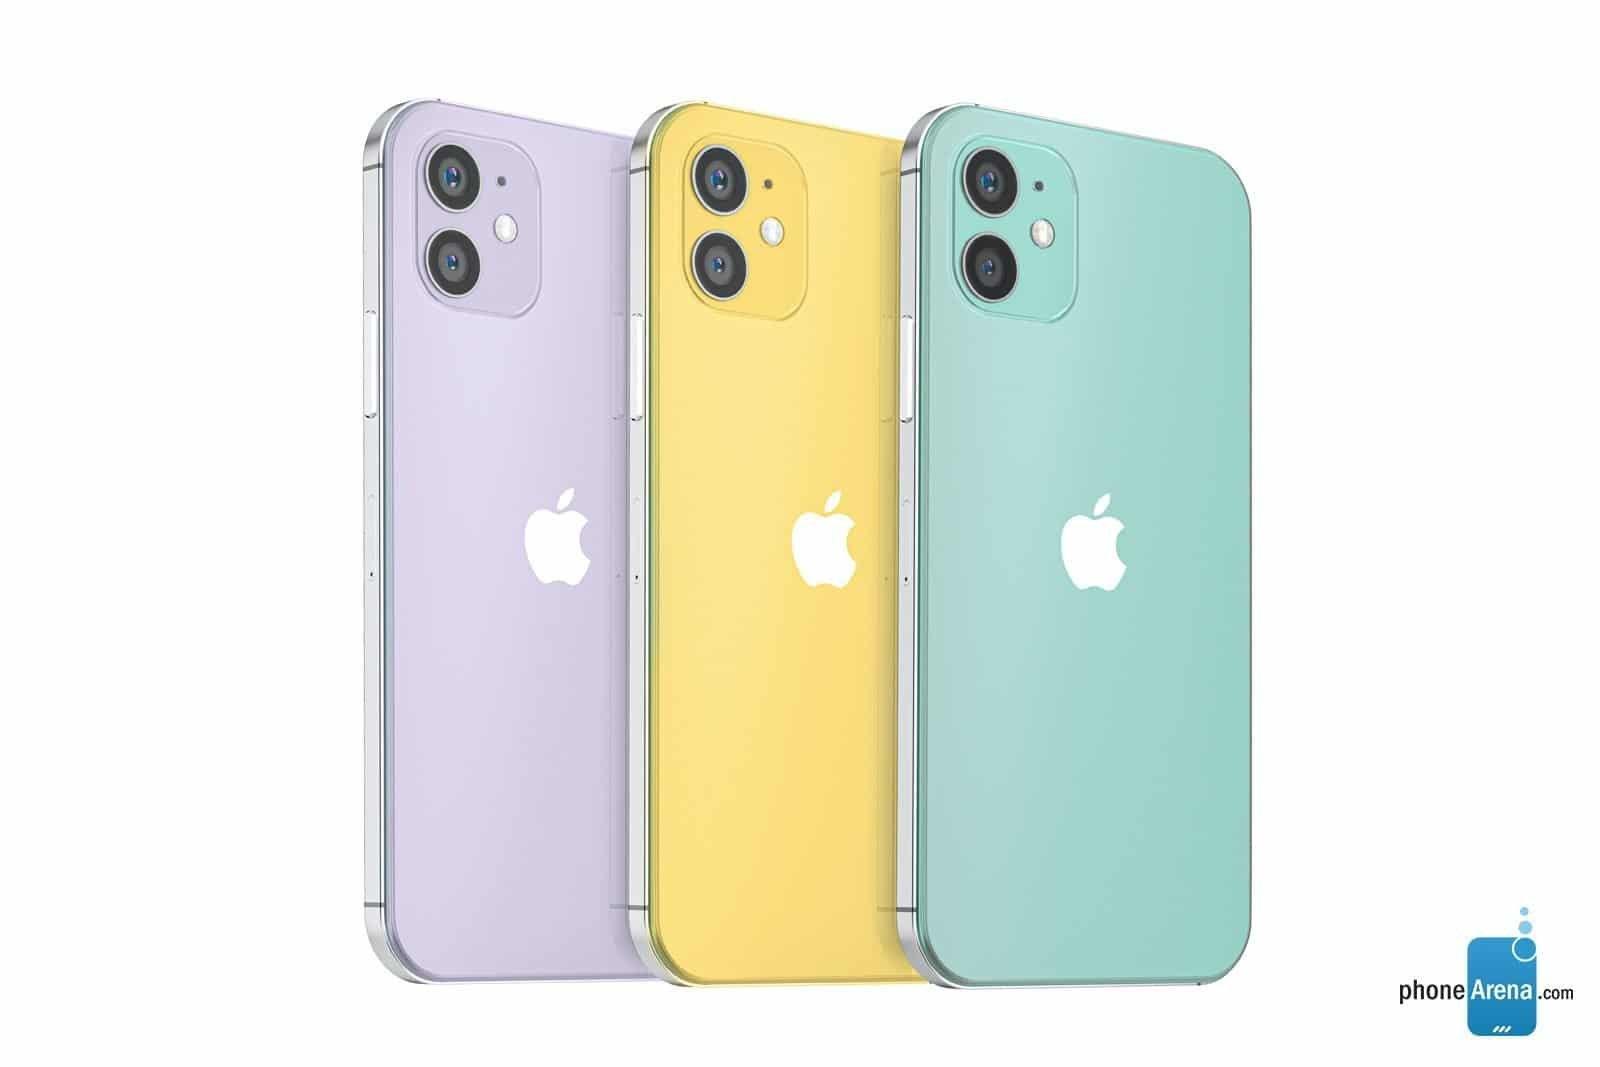 Sieht so das iPhone 12 aus?